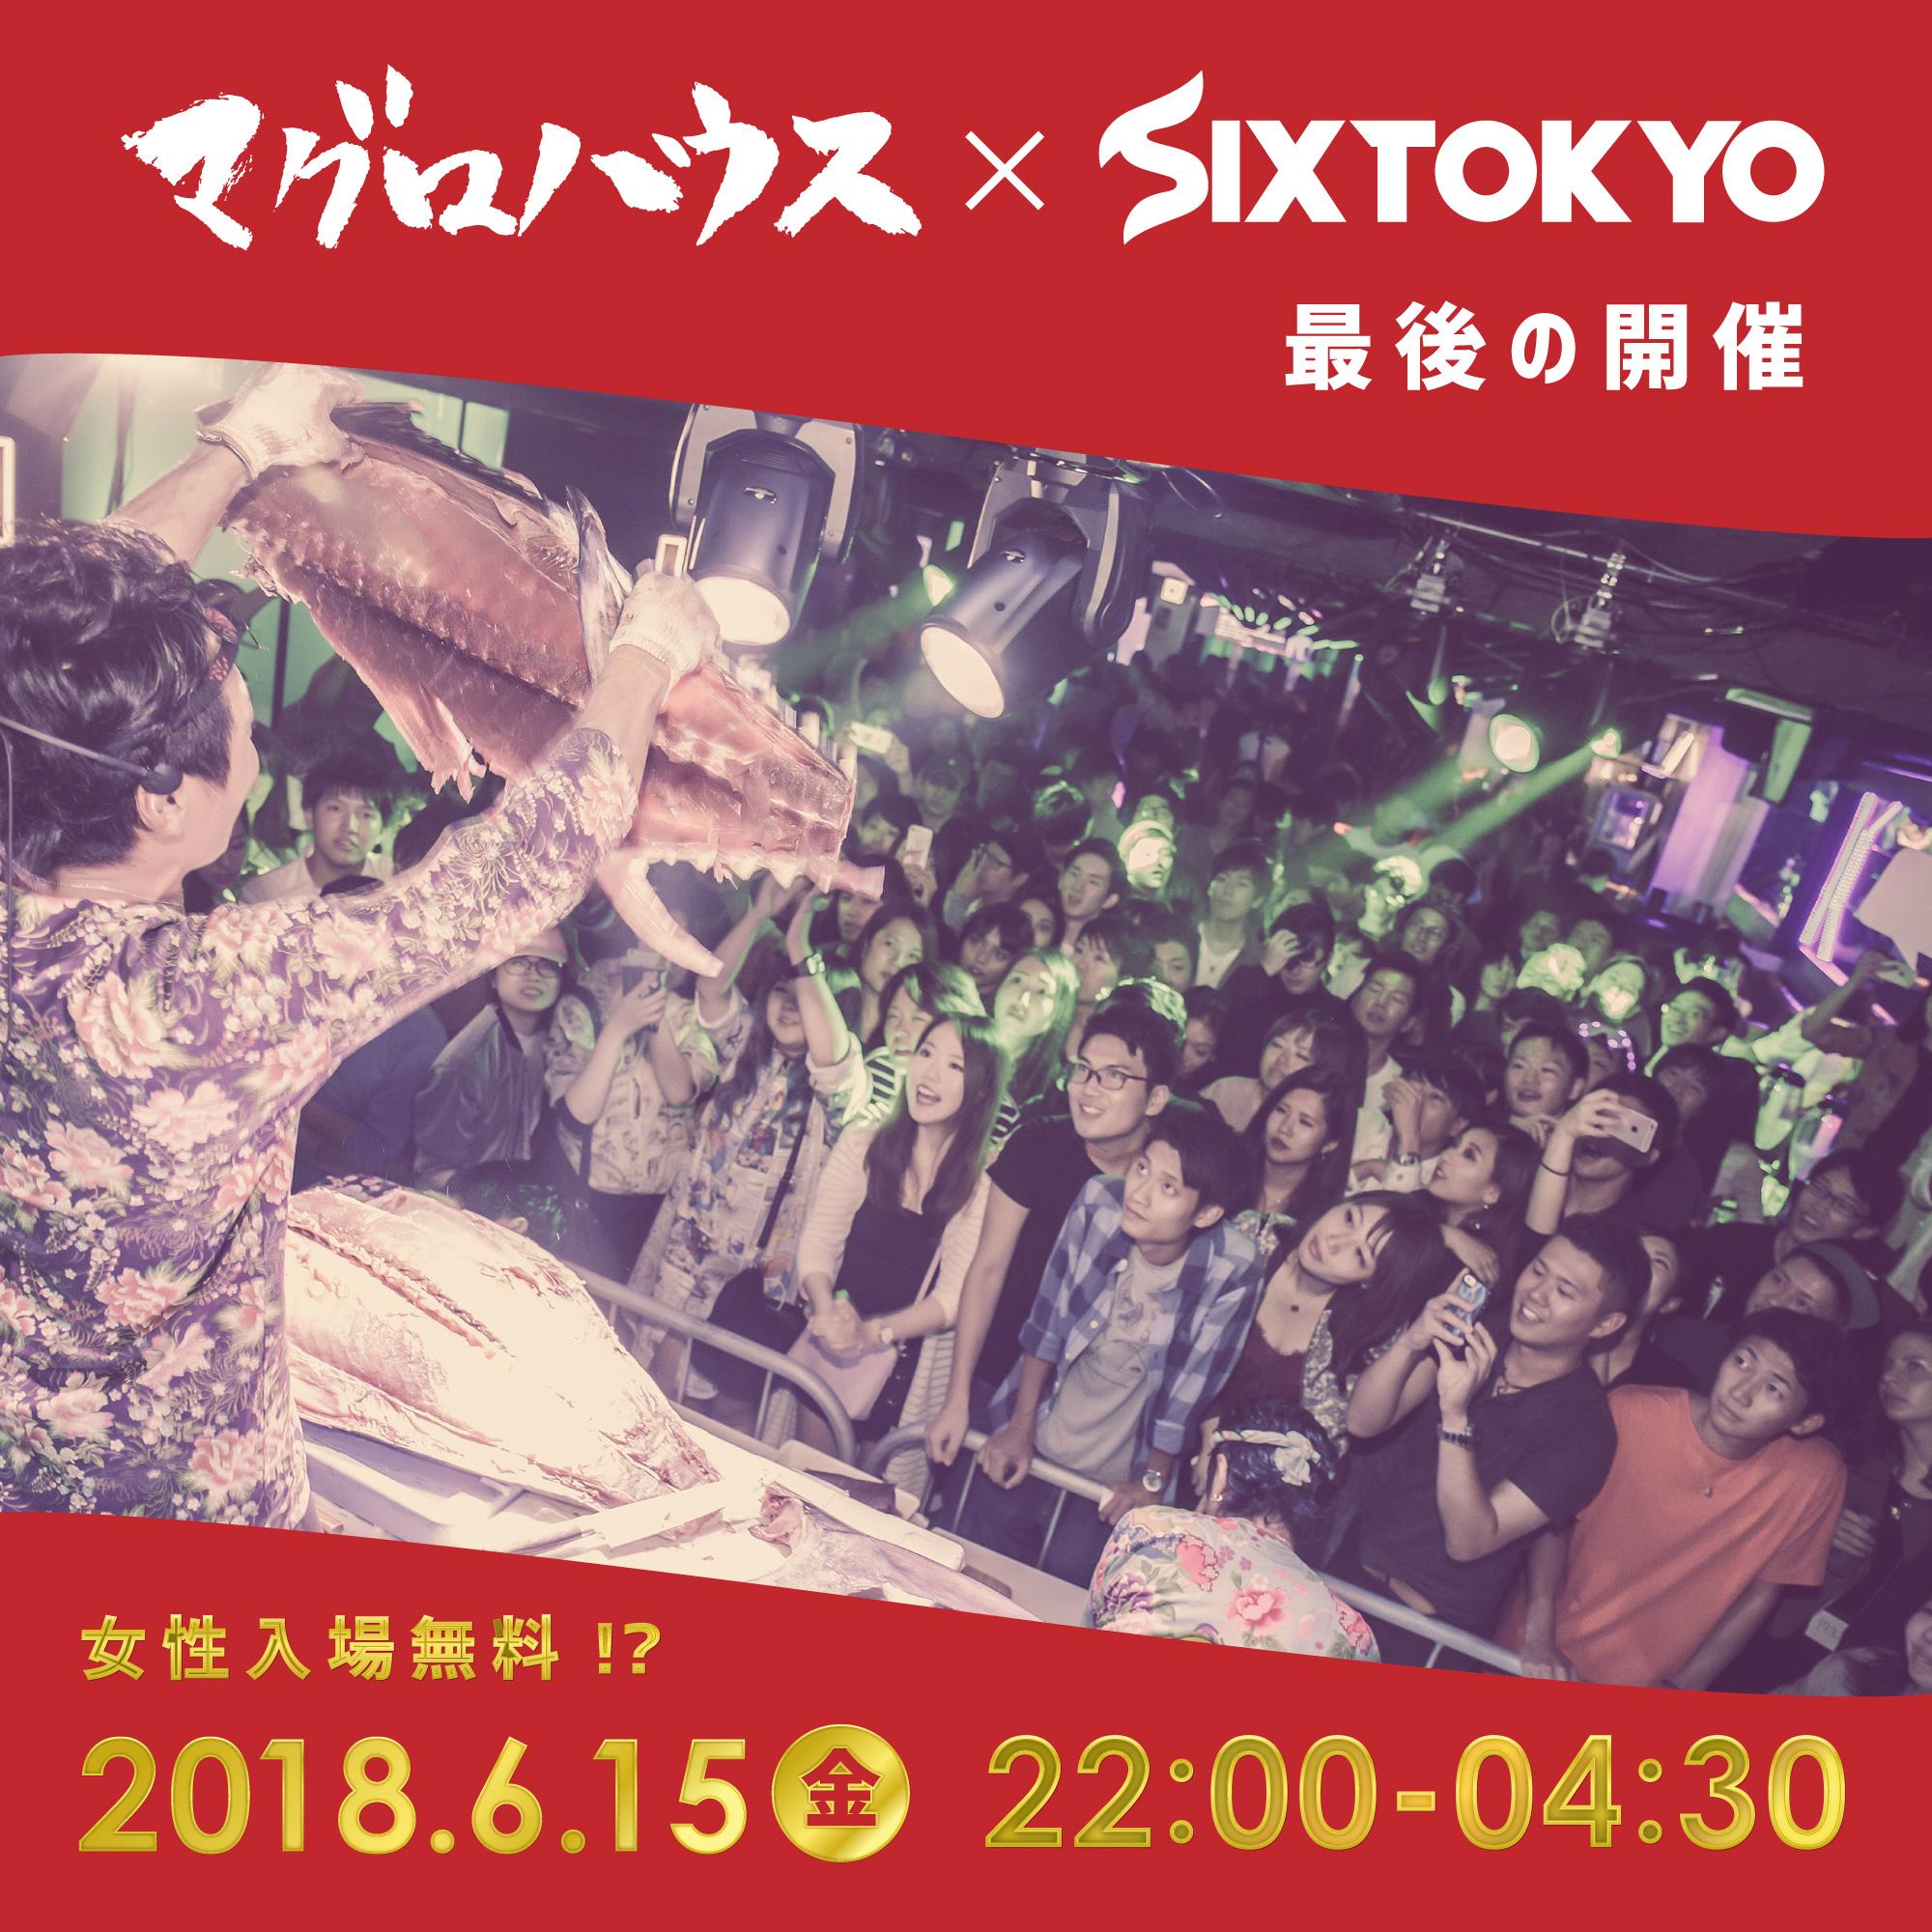 マグロハウス × SIX TOKYO 最後の開催!